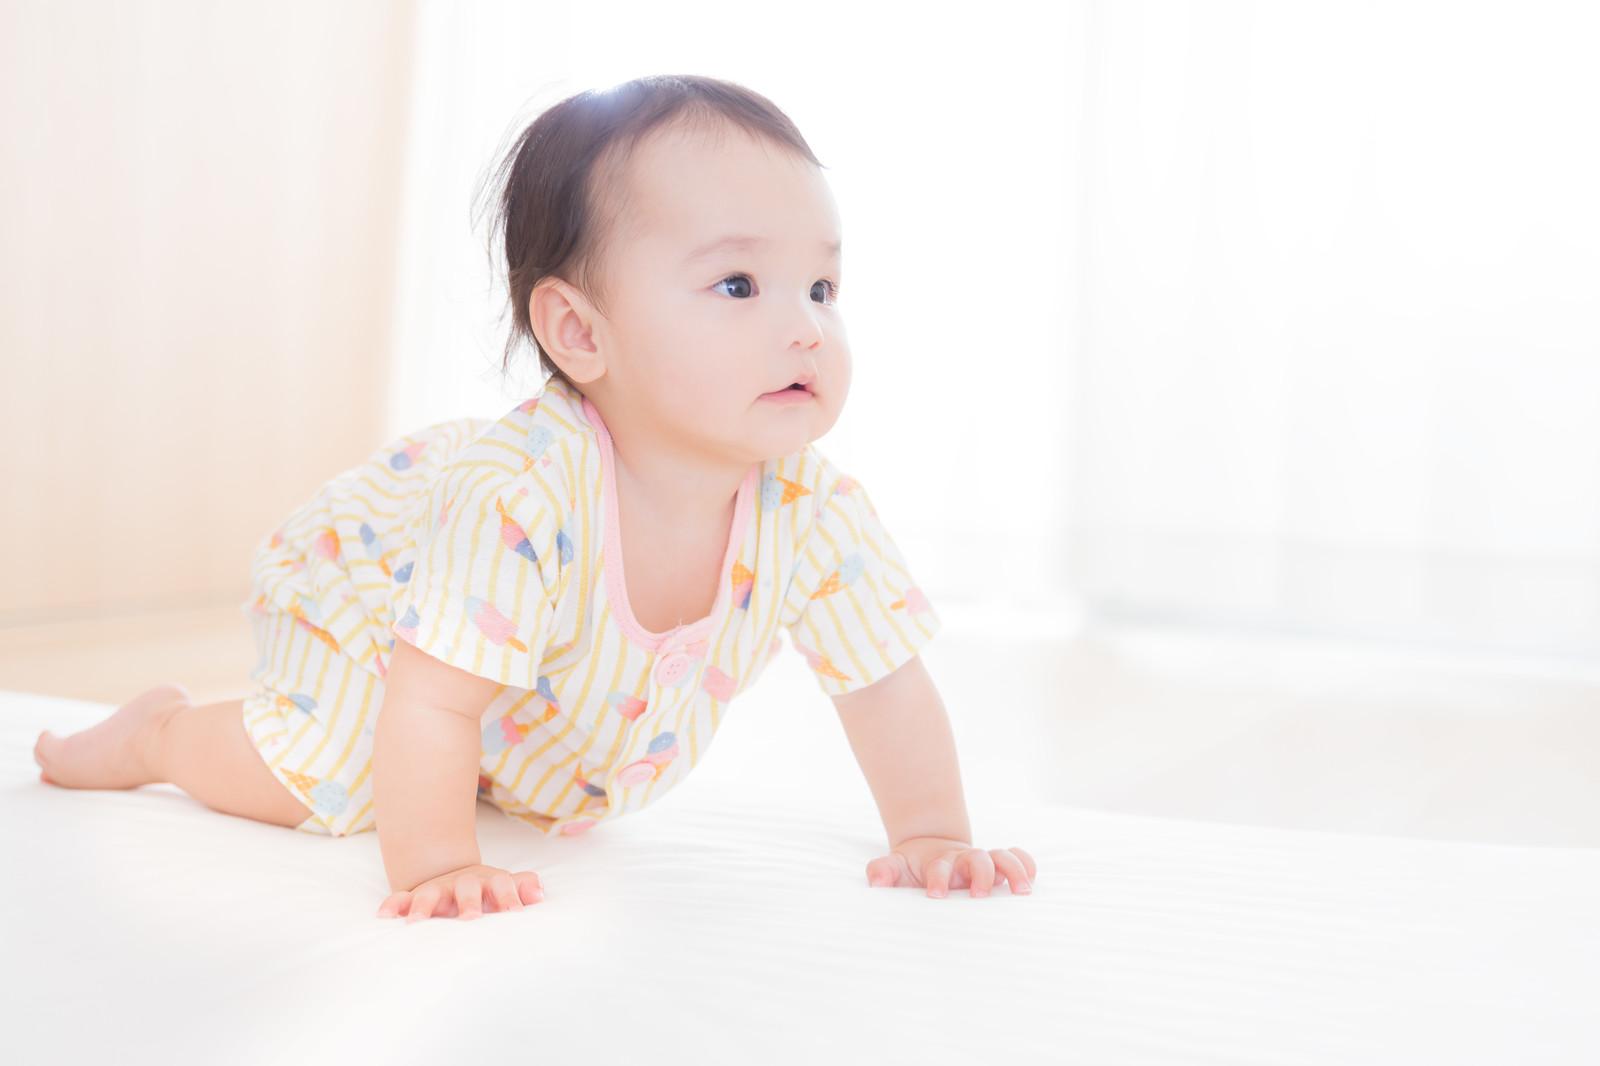 ハイハイをしている赤ちゃんの写真